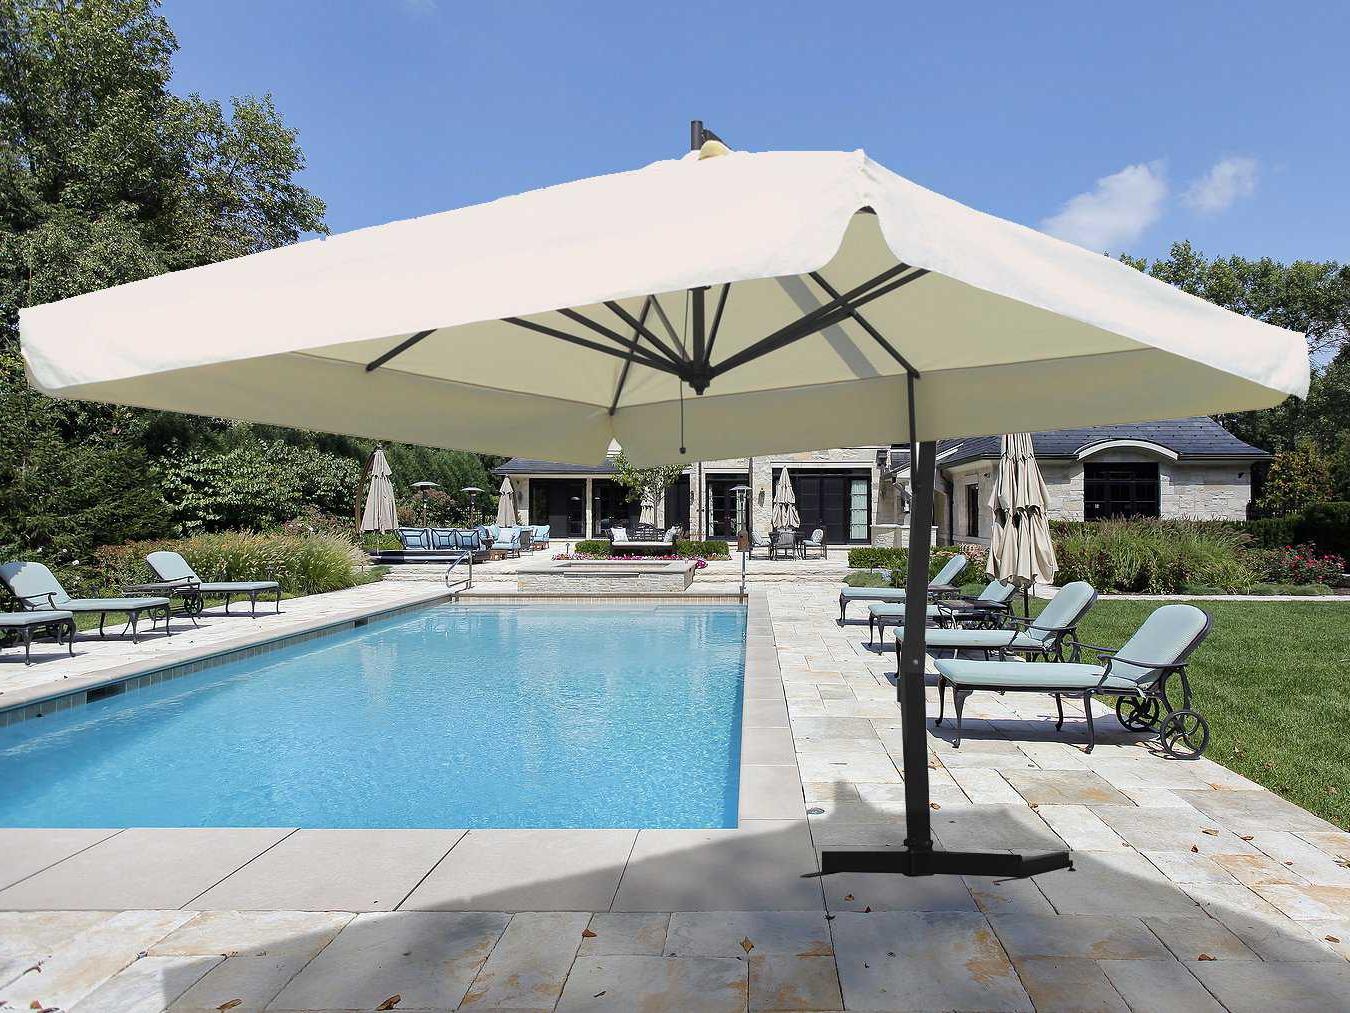 Most Recent Cantilever Umbrellas Within Fim P Series Aluminum 10 X 13 Crank Lift Cantilever Umbrella (View 12 of 20)